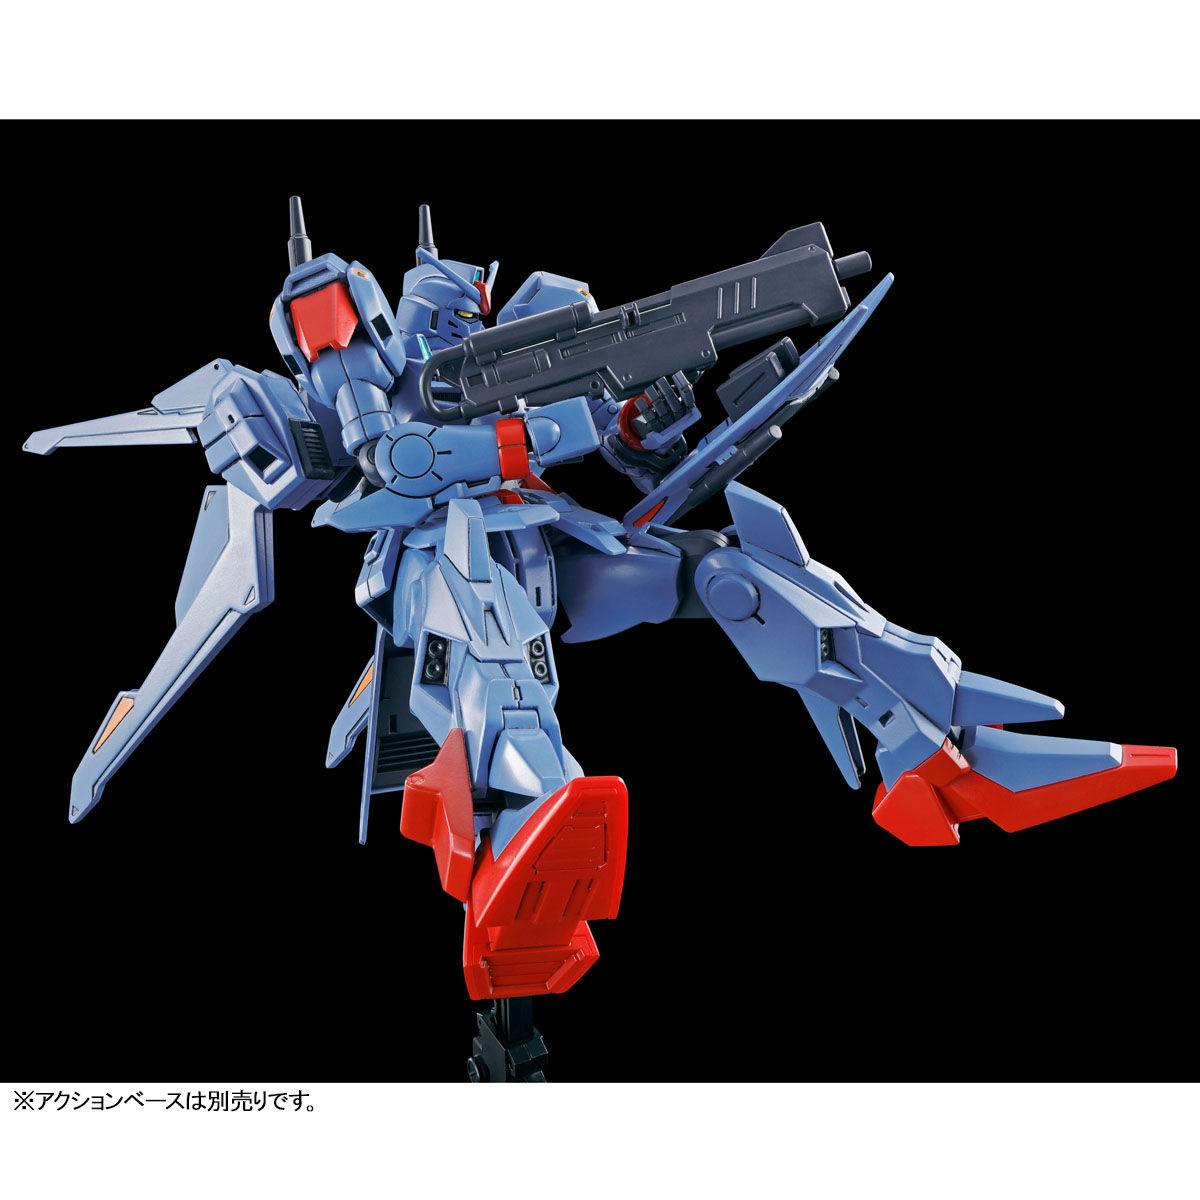 【限定販売】【2次】HG 1/144『ガンダムMk-III』Ζ-MSV プラモデル-007